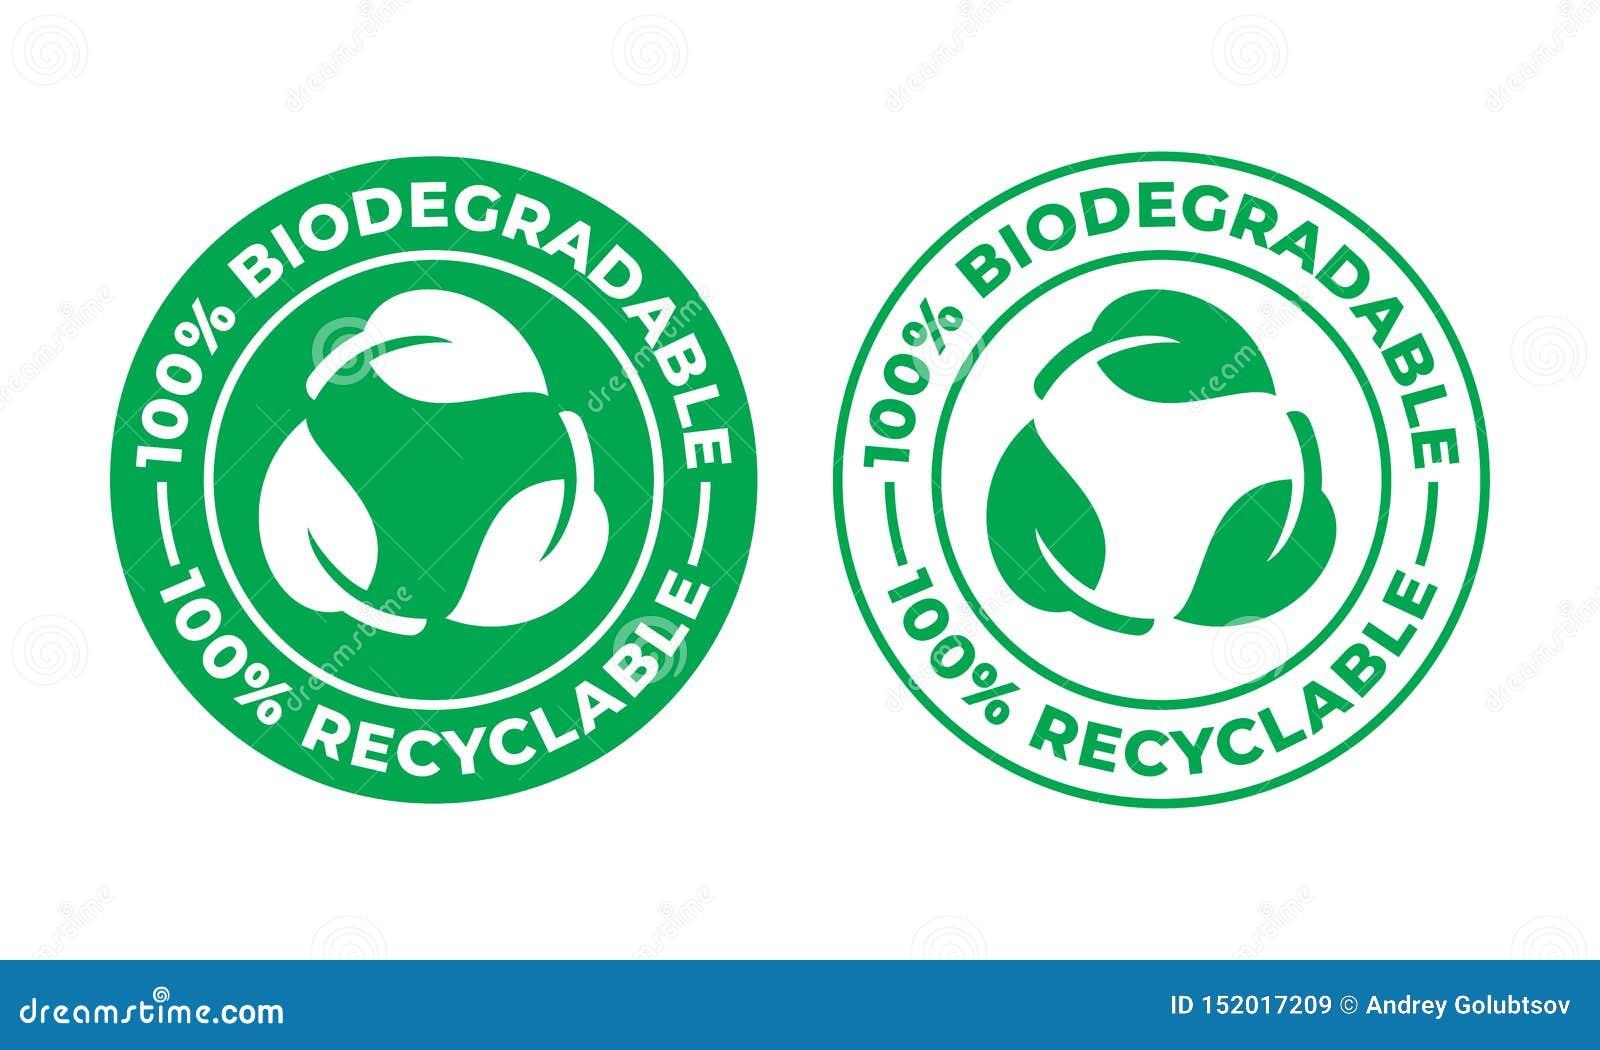 Biodegradable recyclable wektorowa ikona 100 procentów recyclable i degradable życiorys pakunku logo